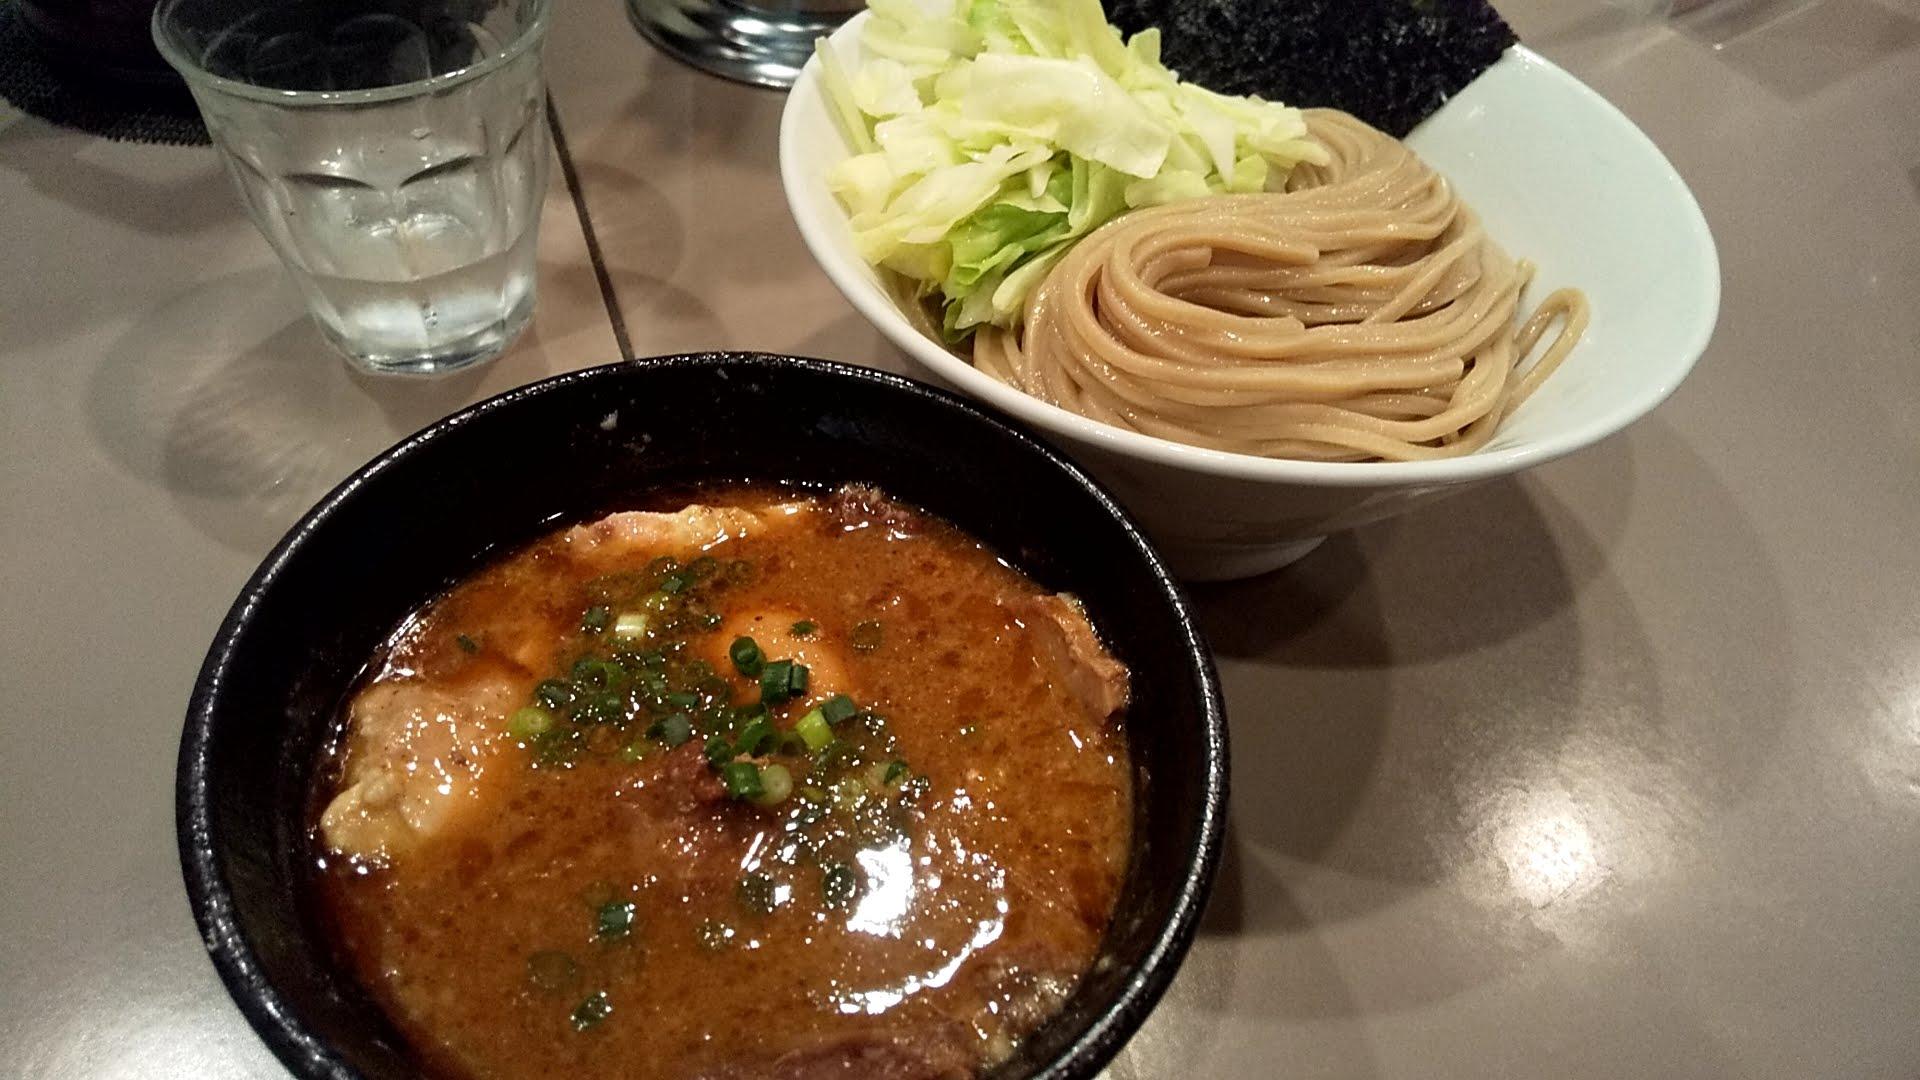 五ノ神製作所の海老つけ麺